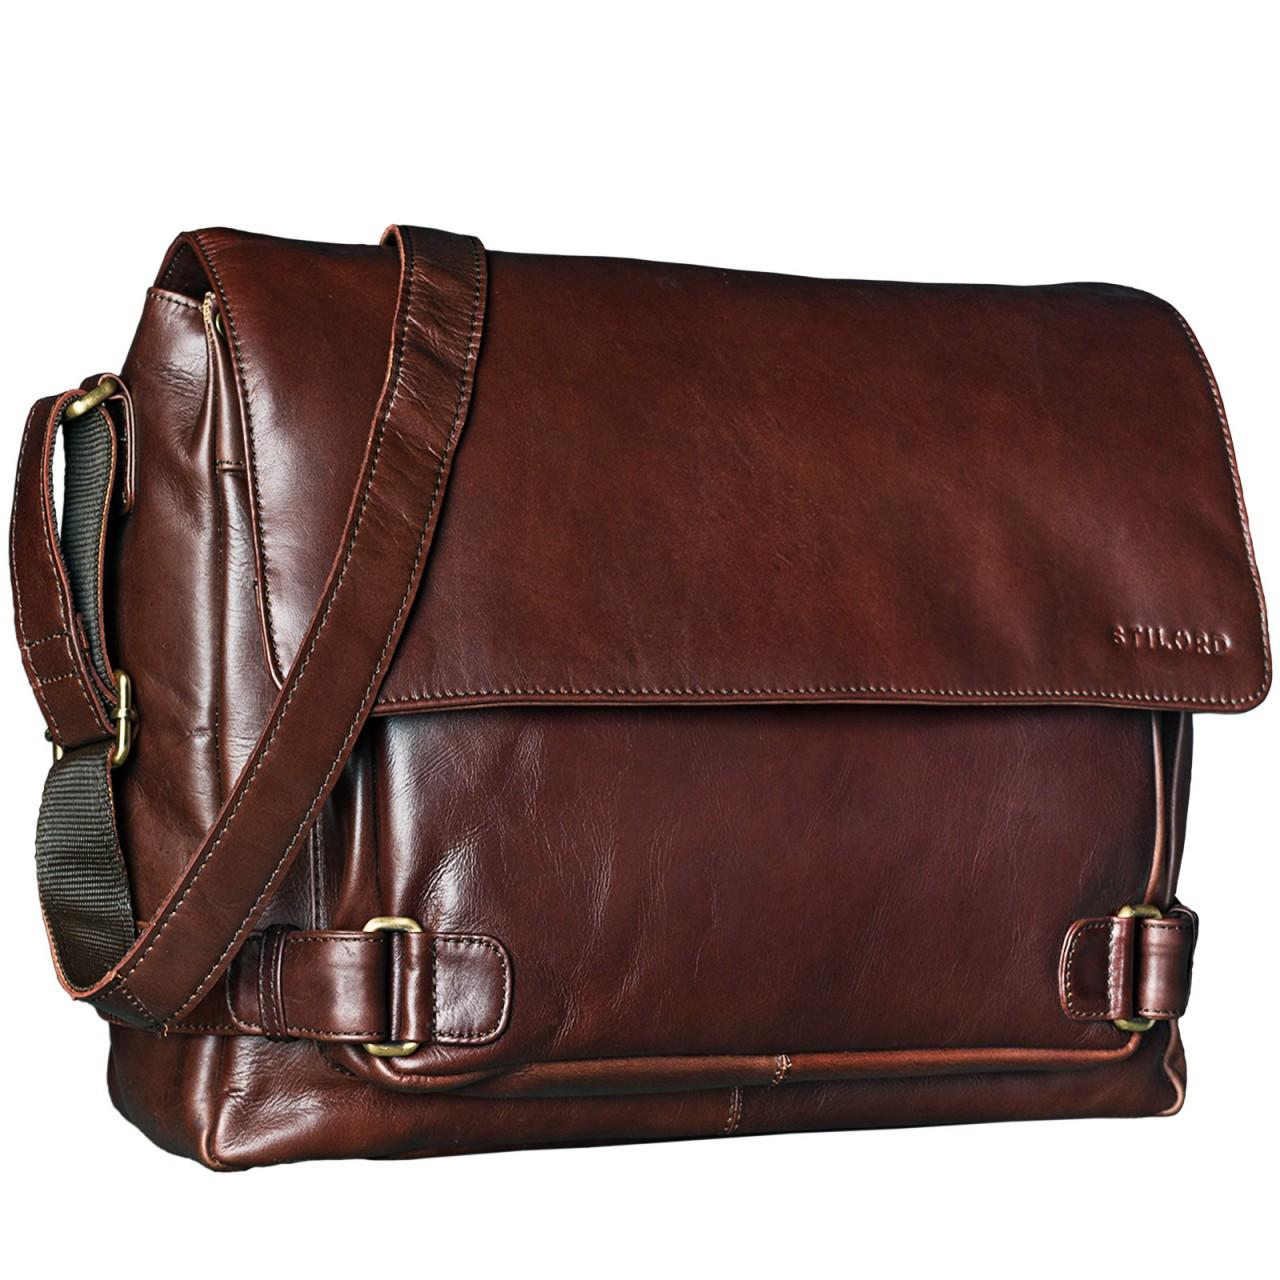 """STILORD """"Luca"""" Leder Businesstasche 15,6 Zoll Laptop Messenger Bag Vintage Aktentasche Umhängetasche Schultertasche Unisex Echtleder - Bild 8"""